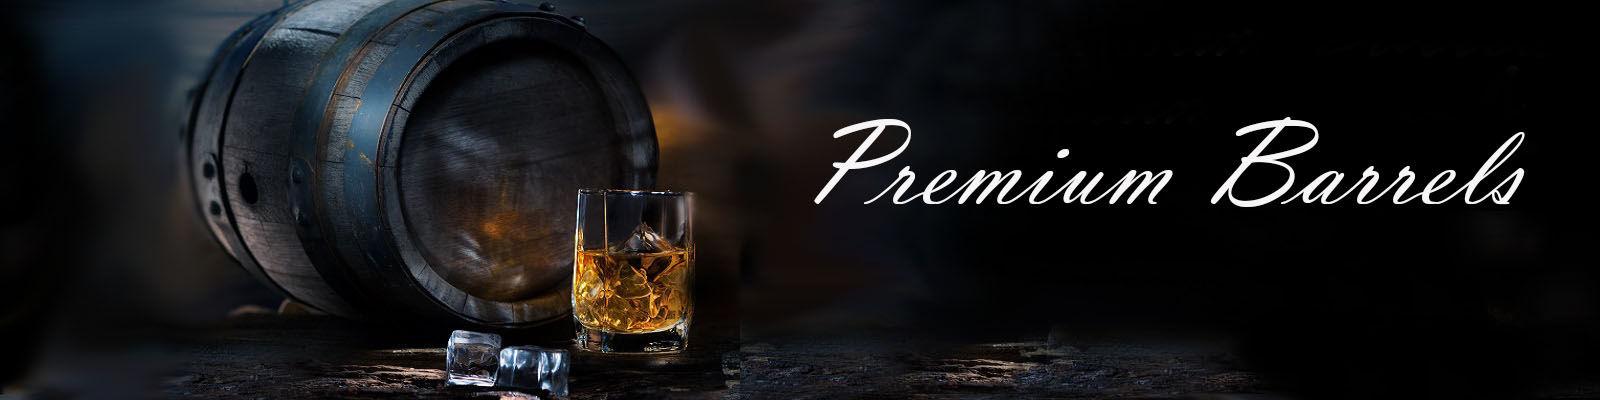 Premium oak barrels